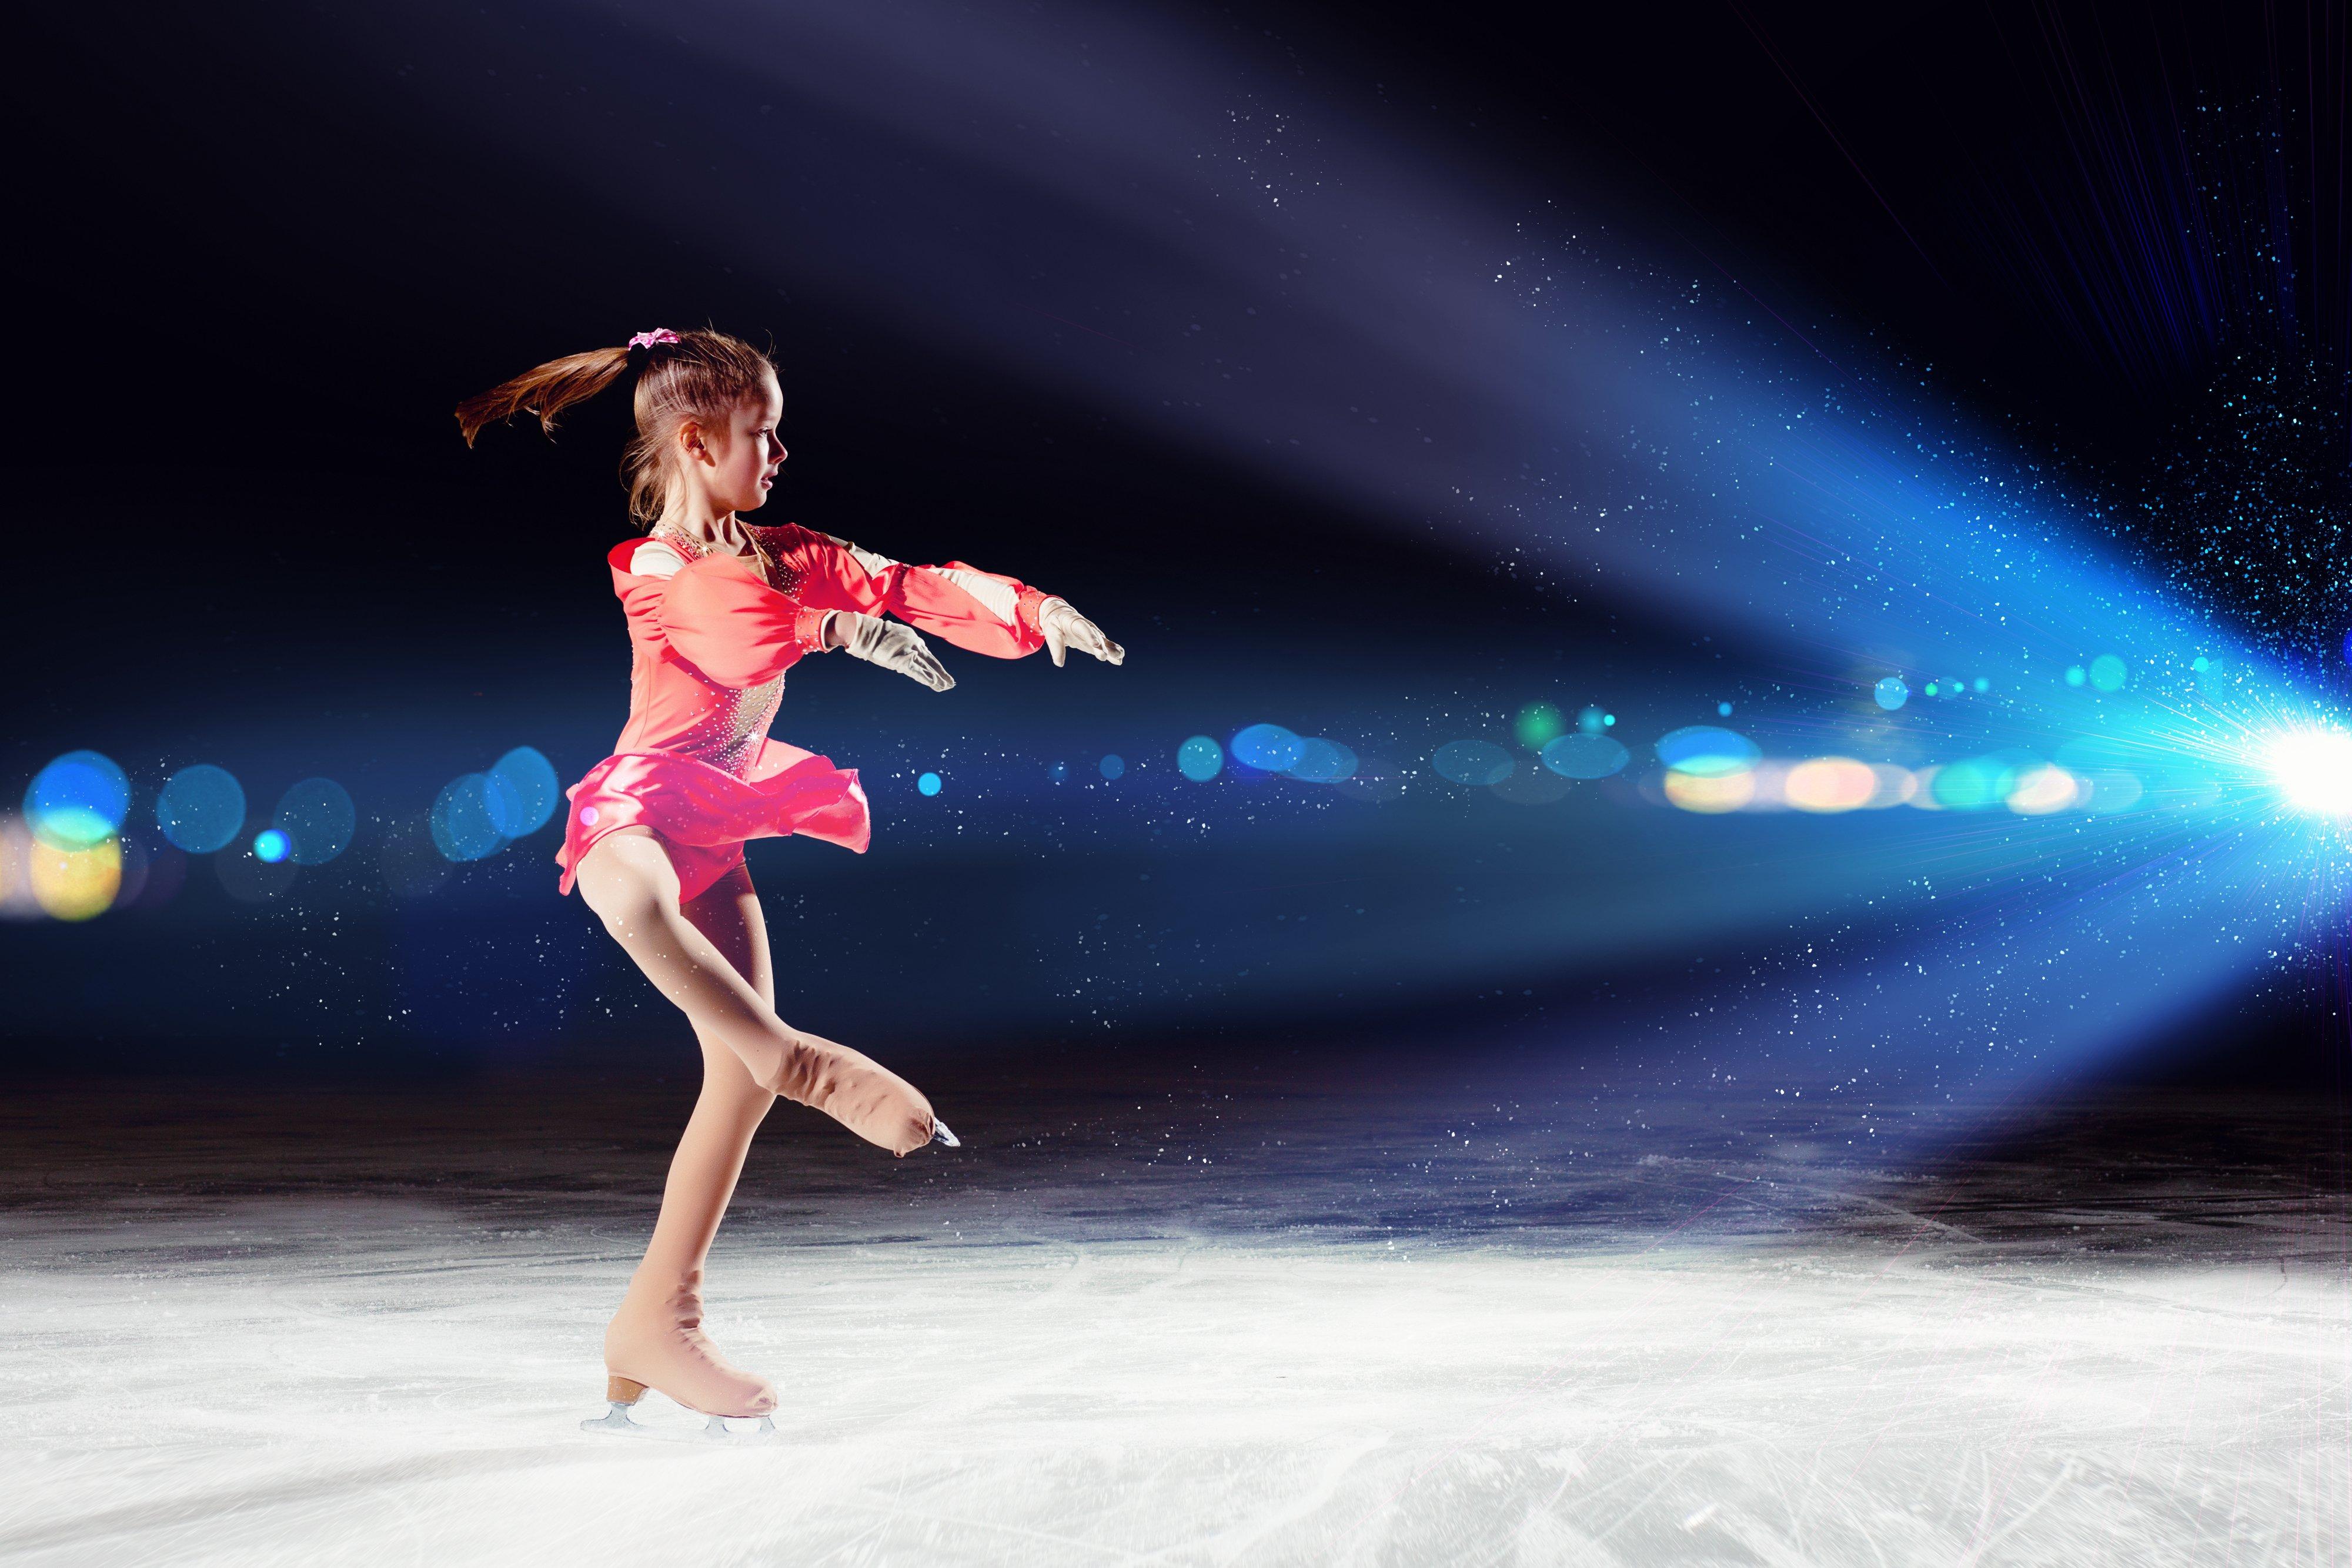 una bambina con un abito rosso durante un'esibizione  di pattinaggio artistico